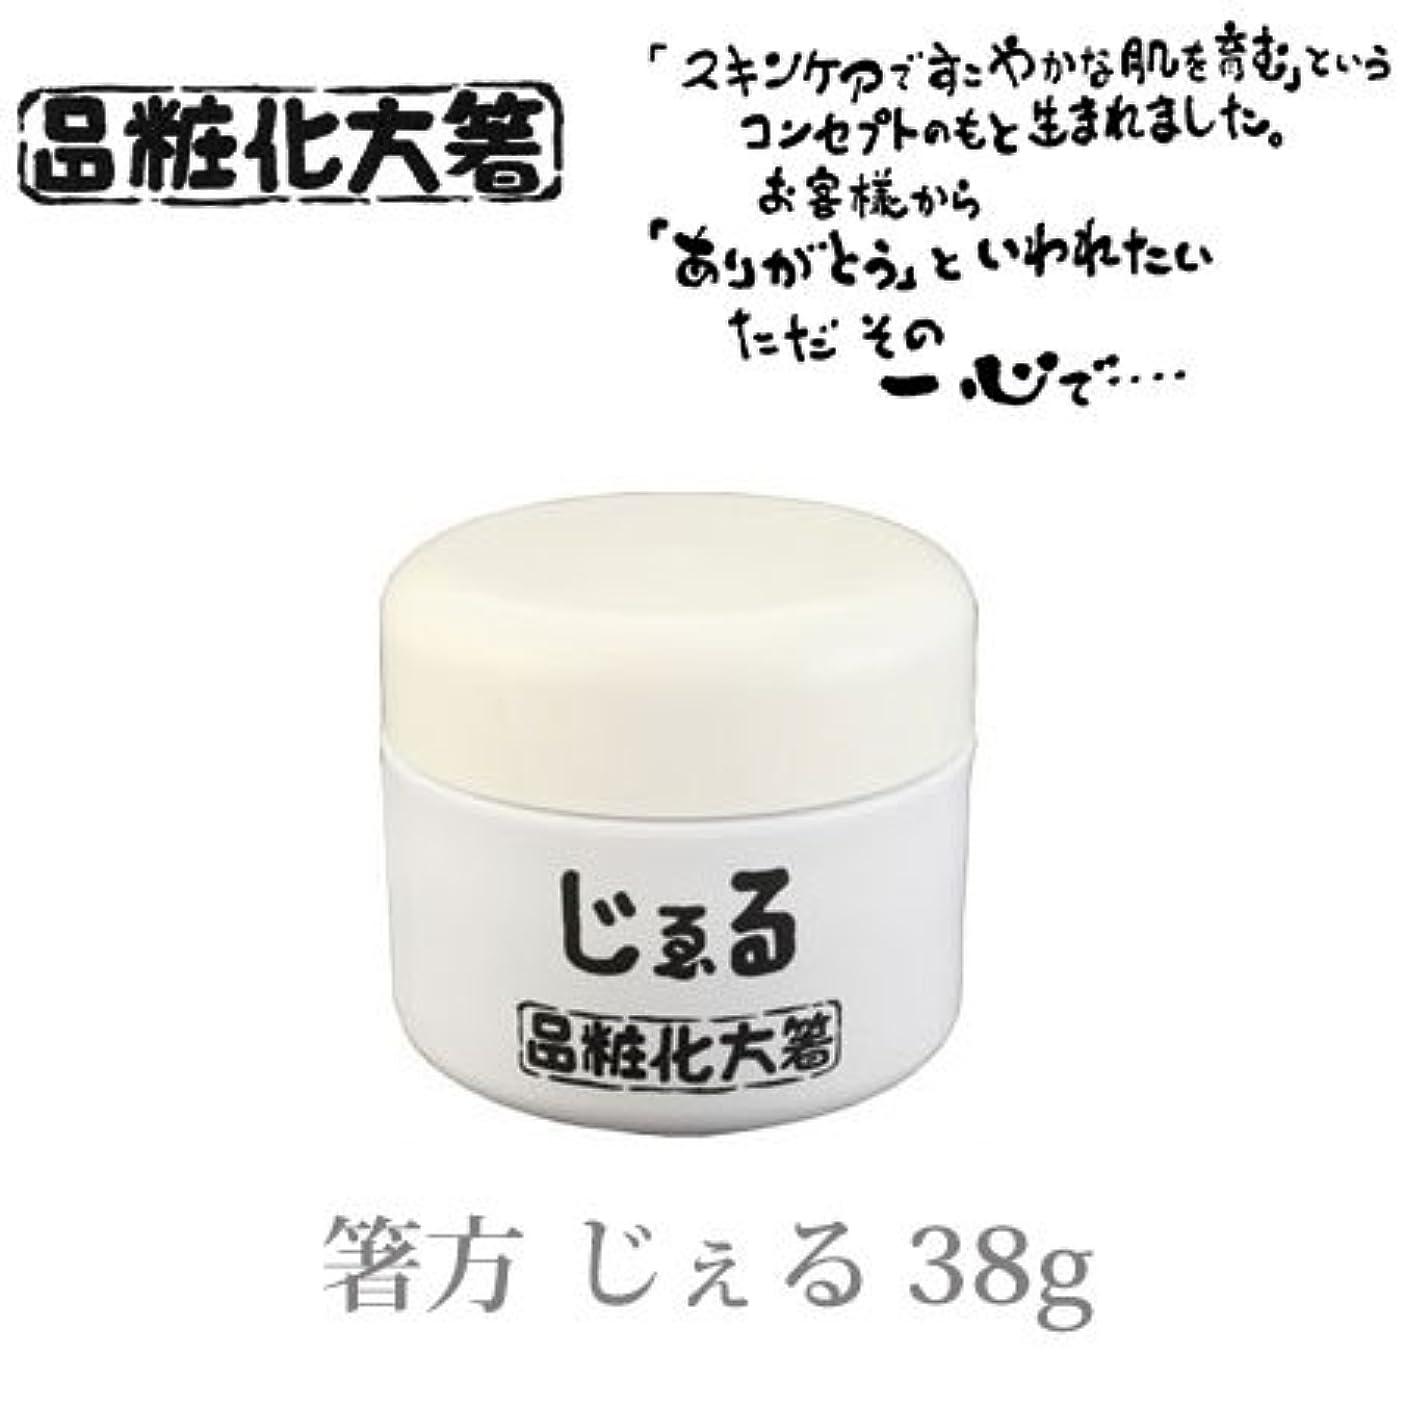 麺の間でクリップ蝶箸方化粧品 じぇる 38g はしかた化粧品